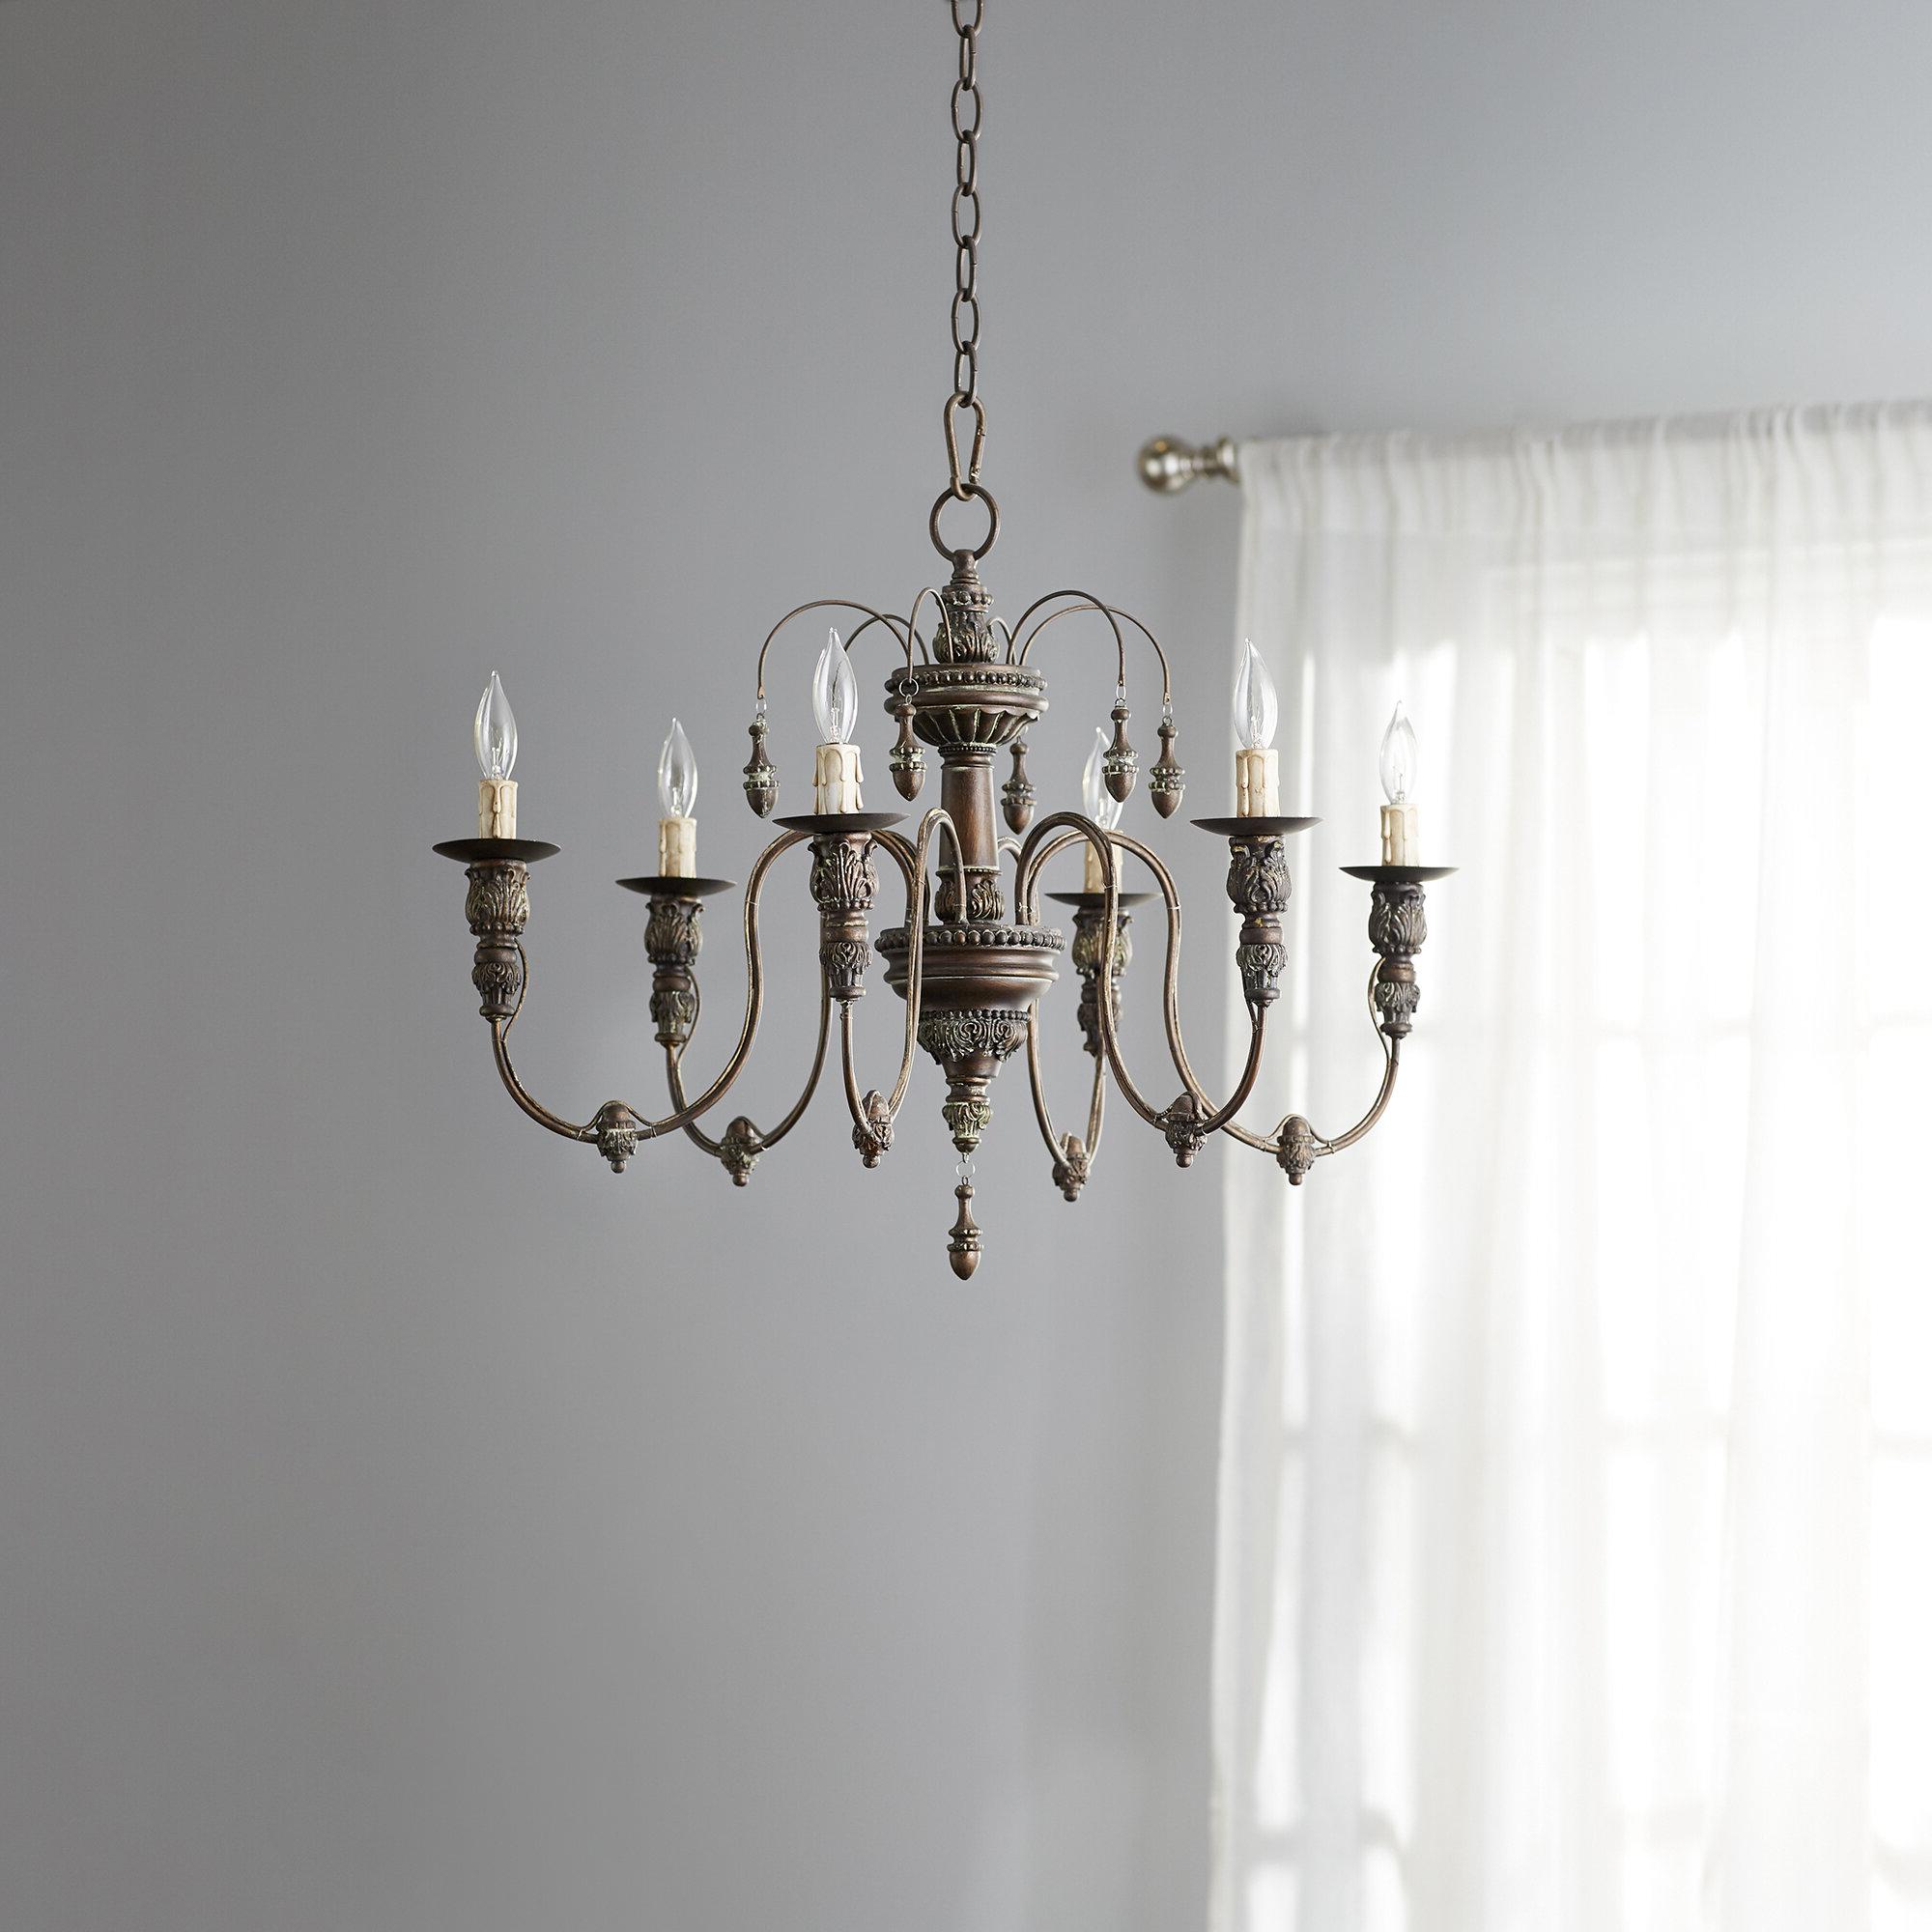 Paladino 6 Light Chandeliers Pertaining To Trendy Paladino 6 Light Chandelier (Gallery 5 of 20)